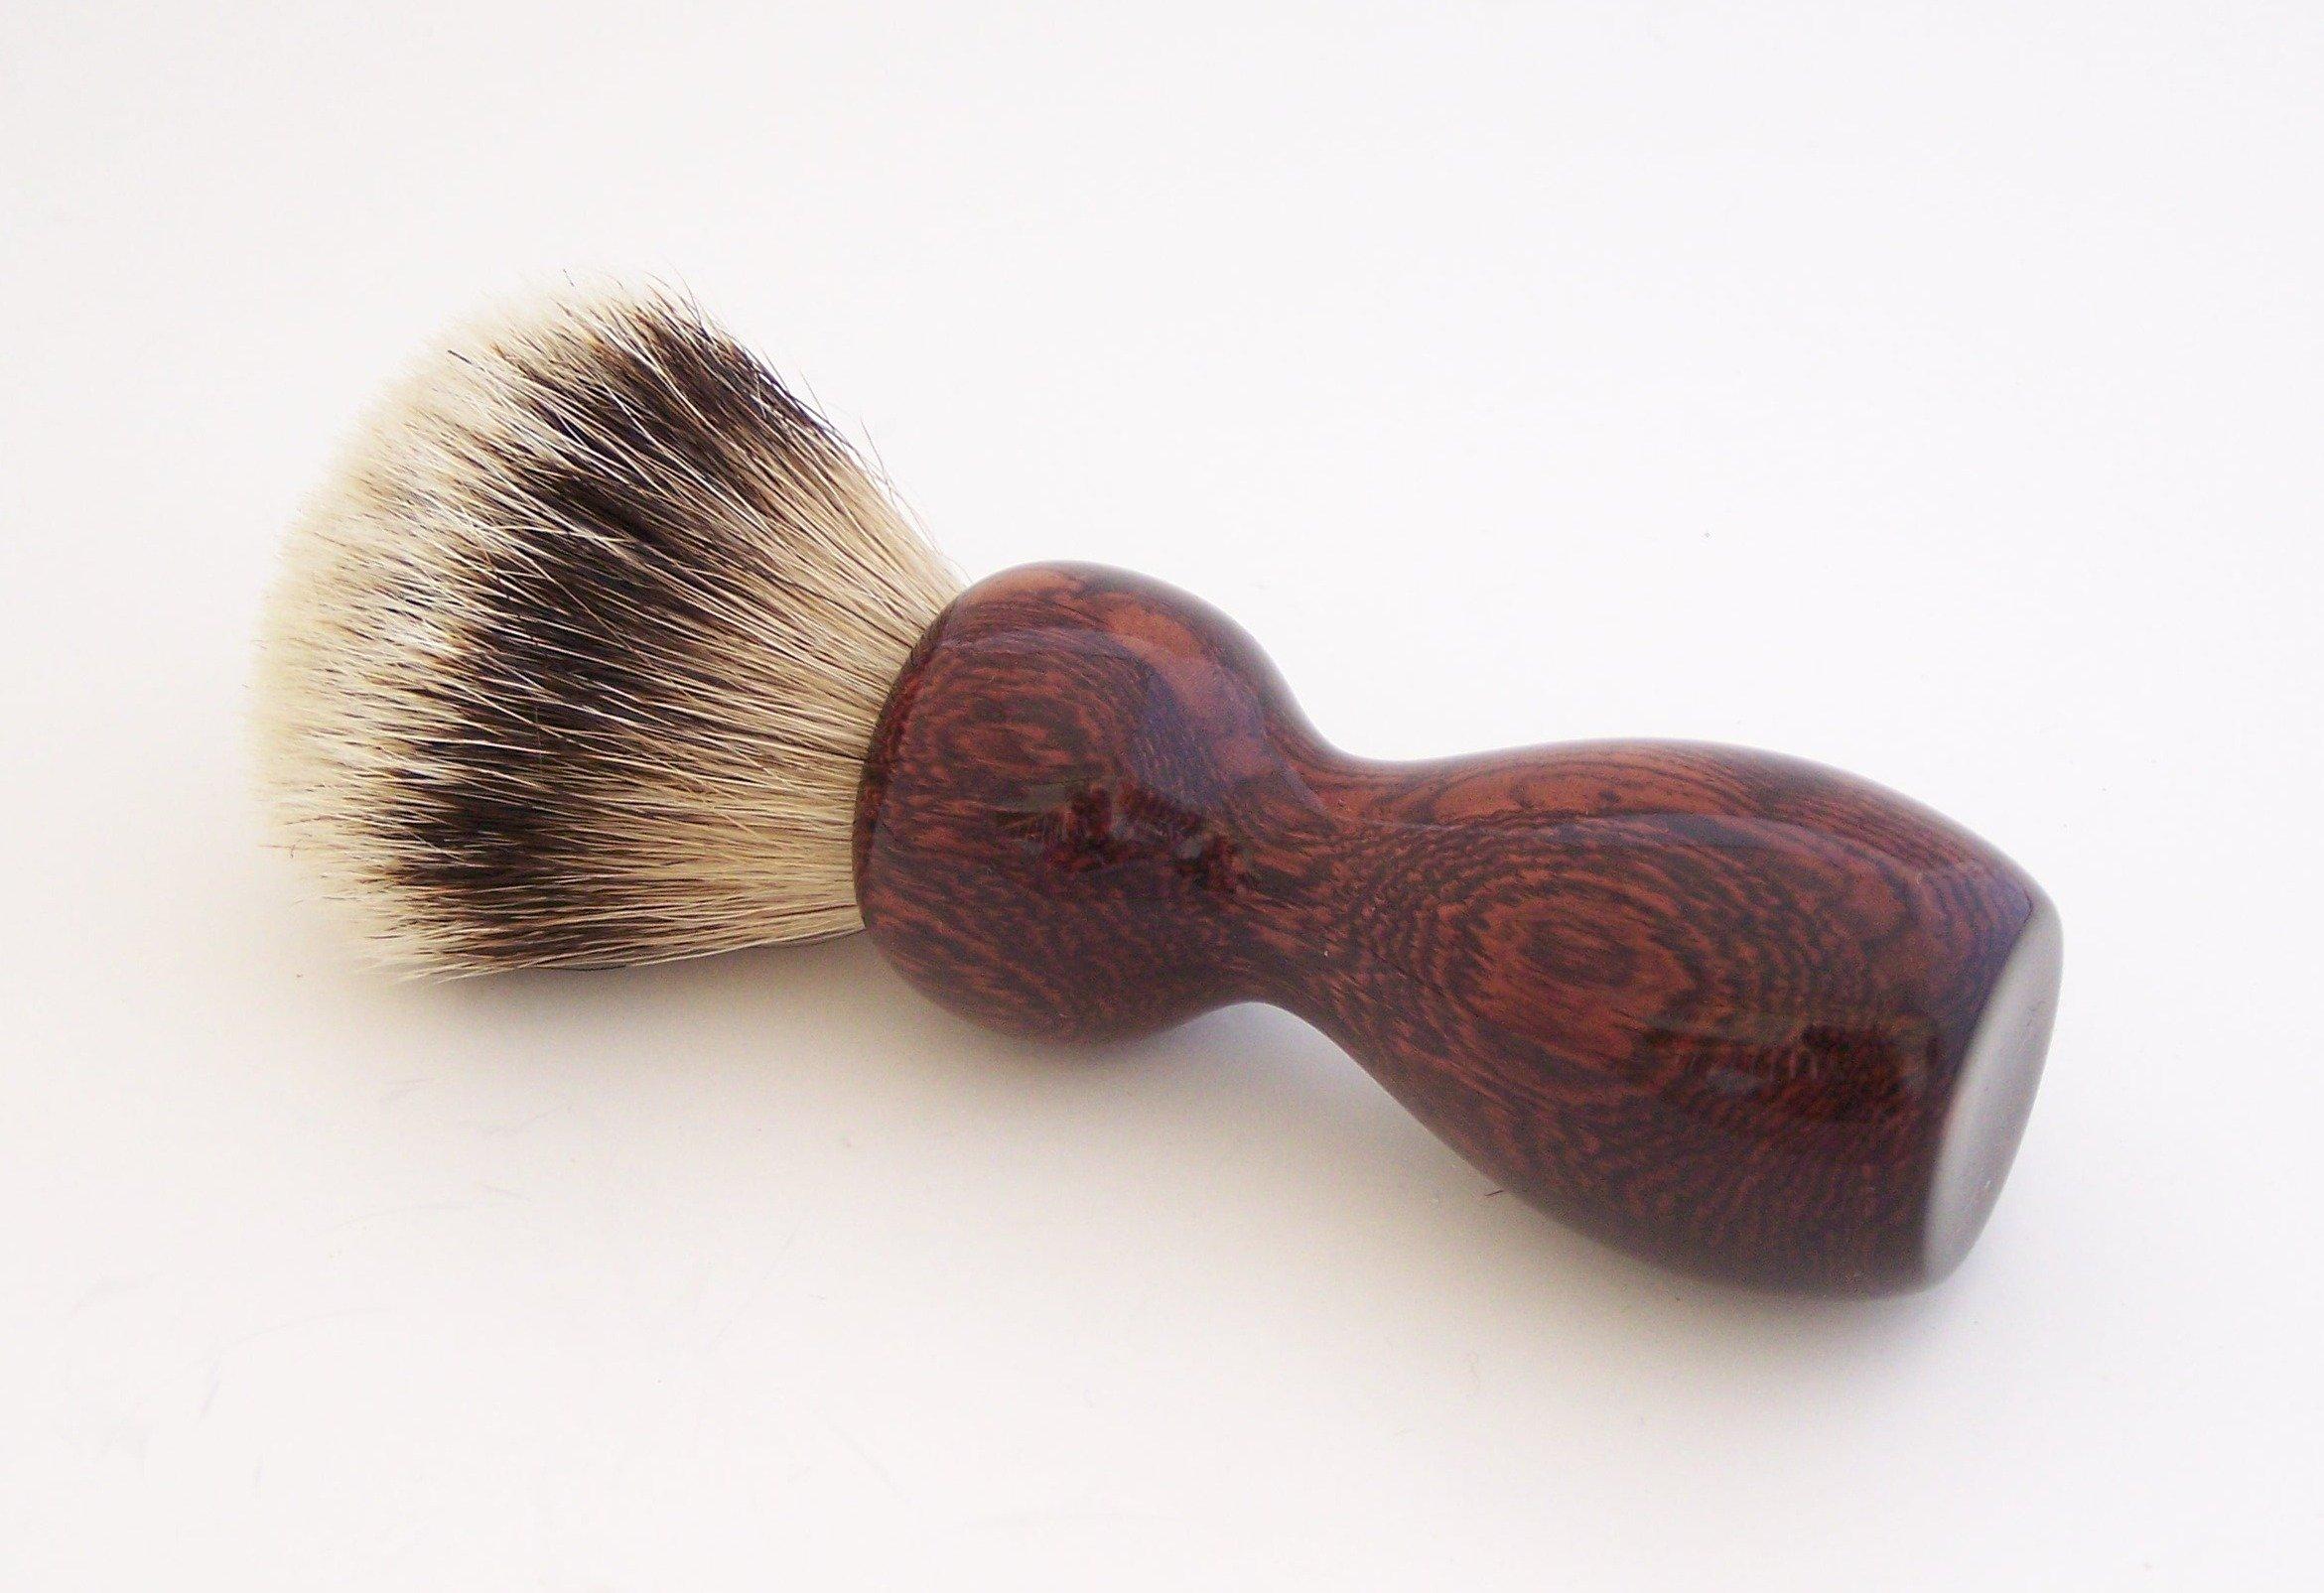 Camatillo Rosewood 20mm Super Silvertip Shaving Brush (C3)